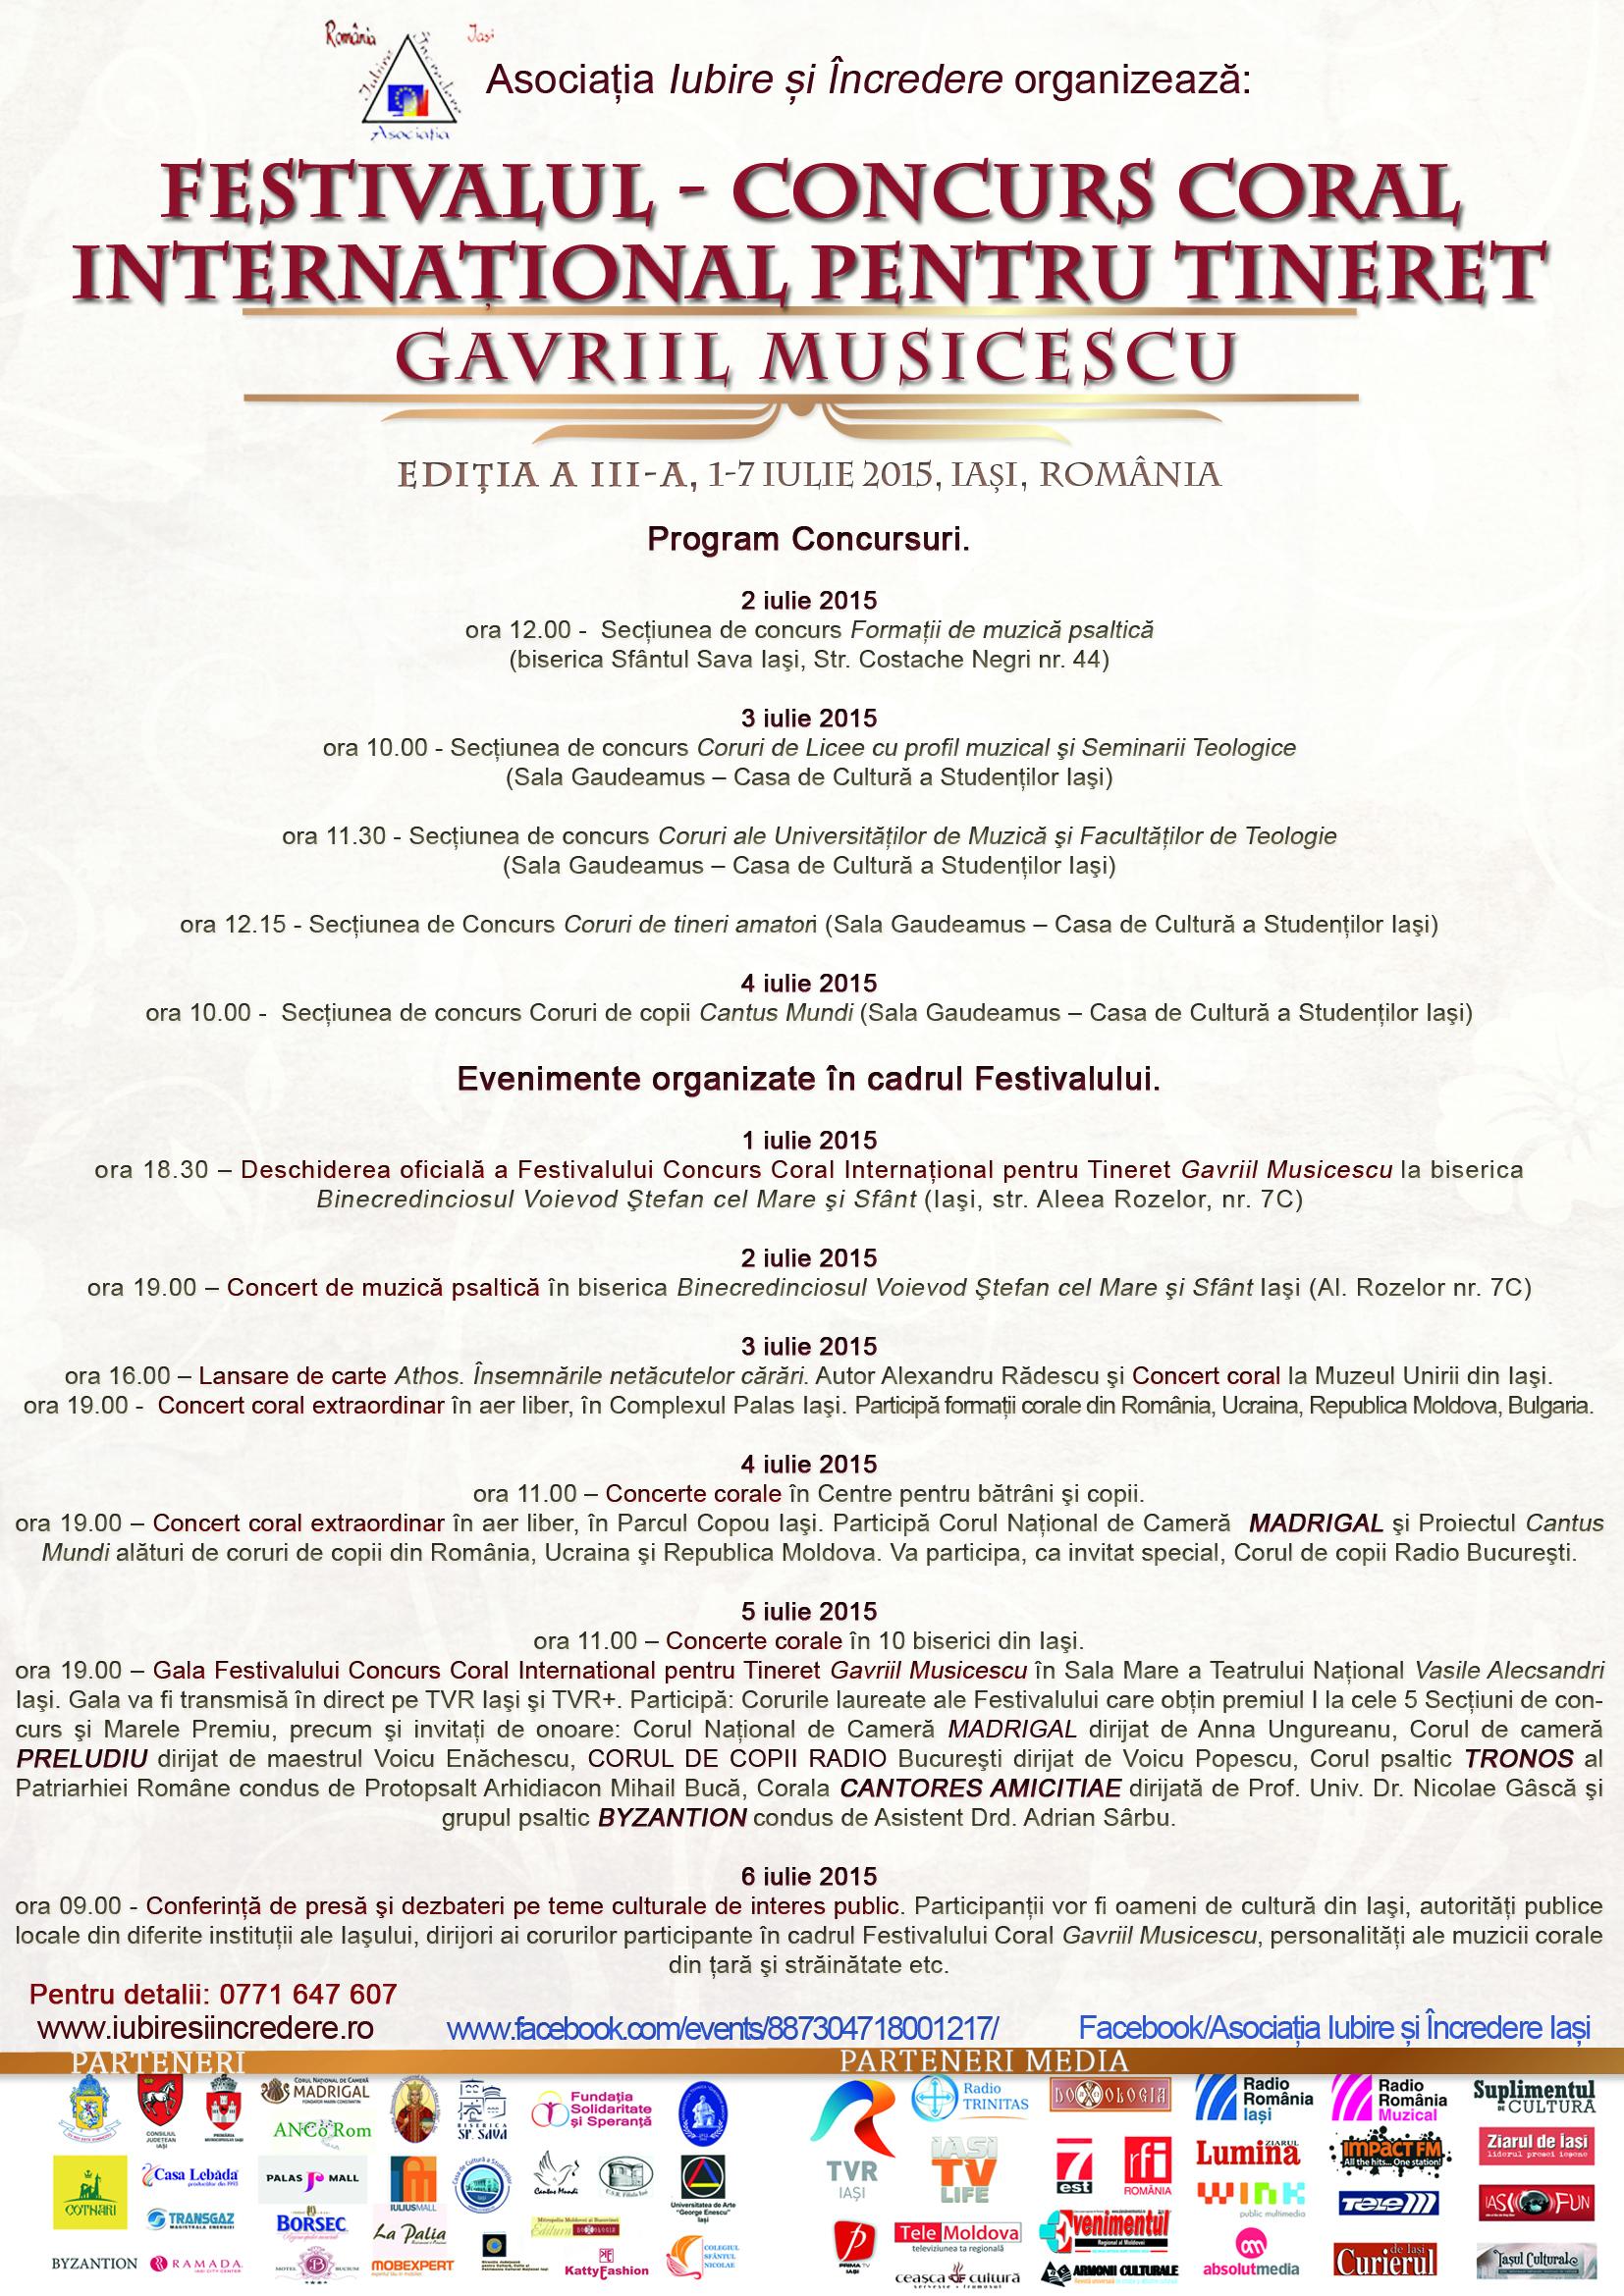 """Iaşi, 1-7 iulie, Festival-Concurs Coral pentru Tineret """"Gavriil Musicescu"""""""